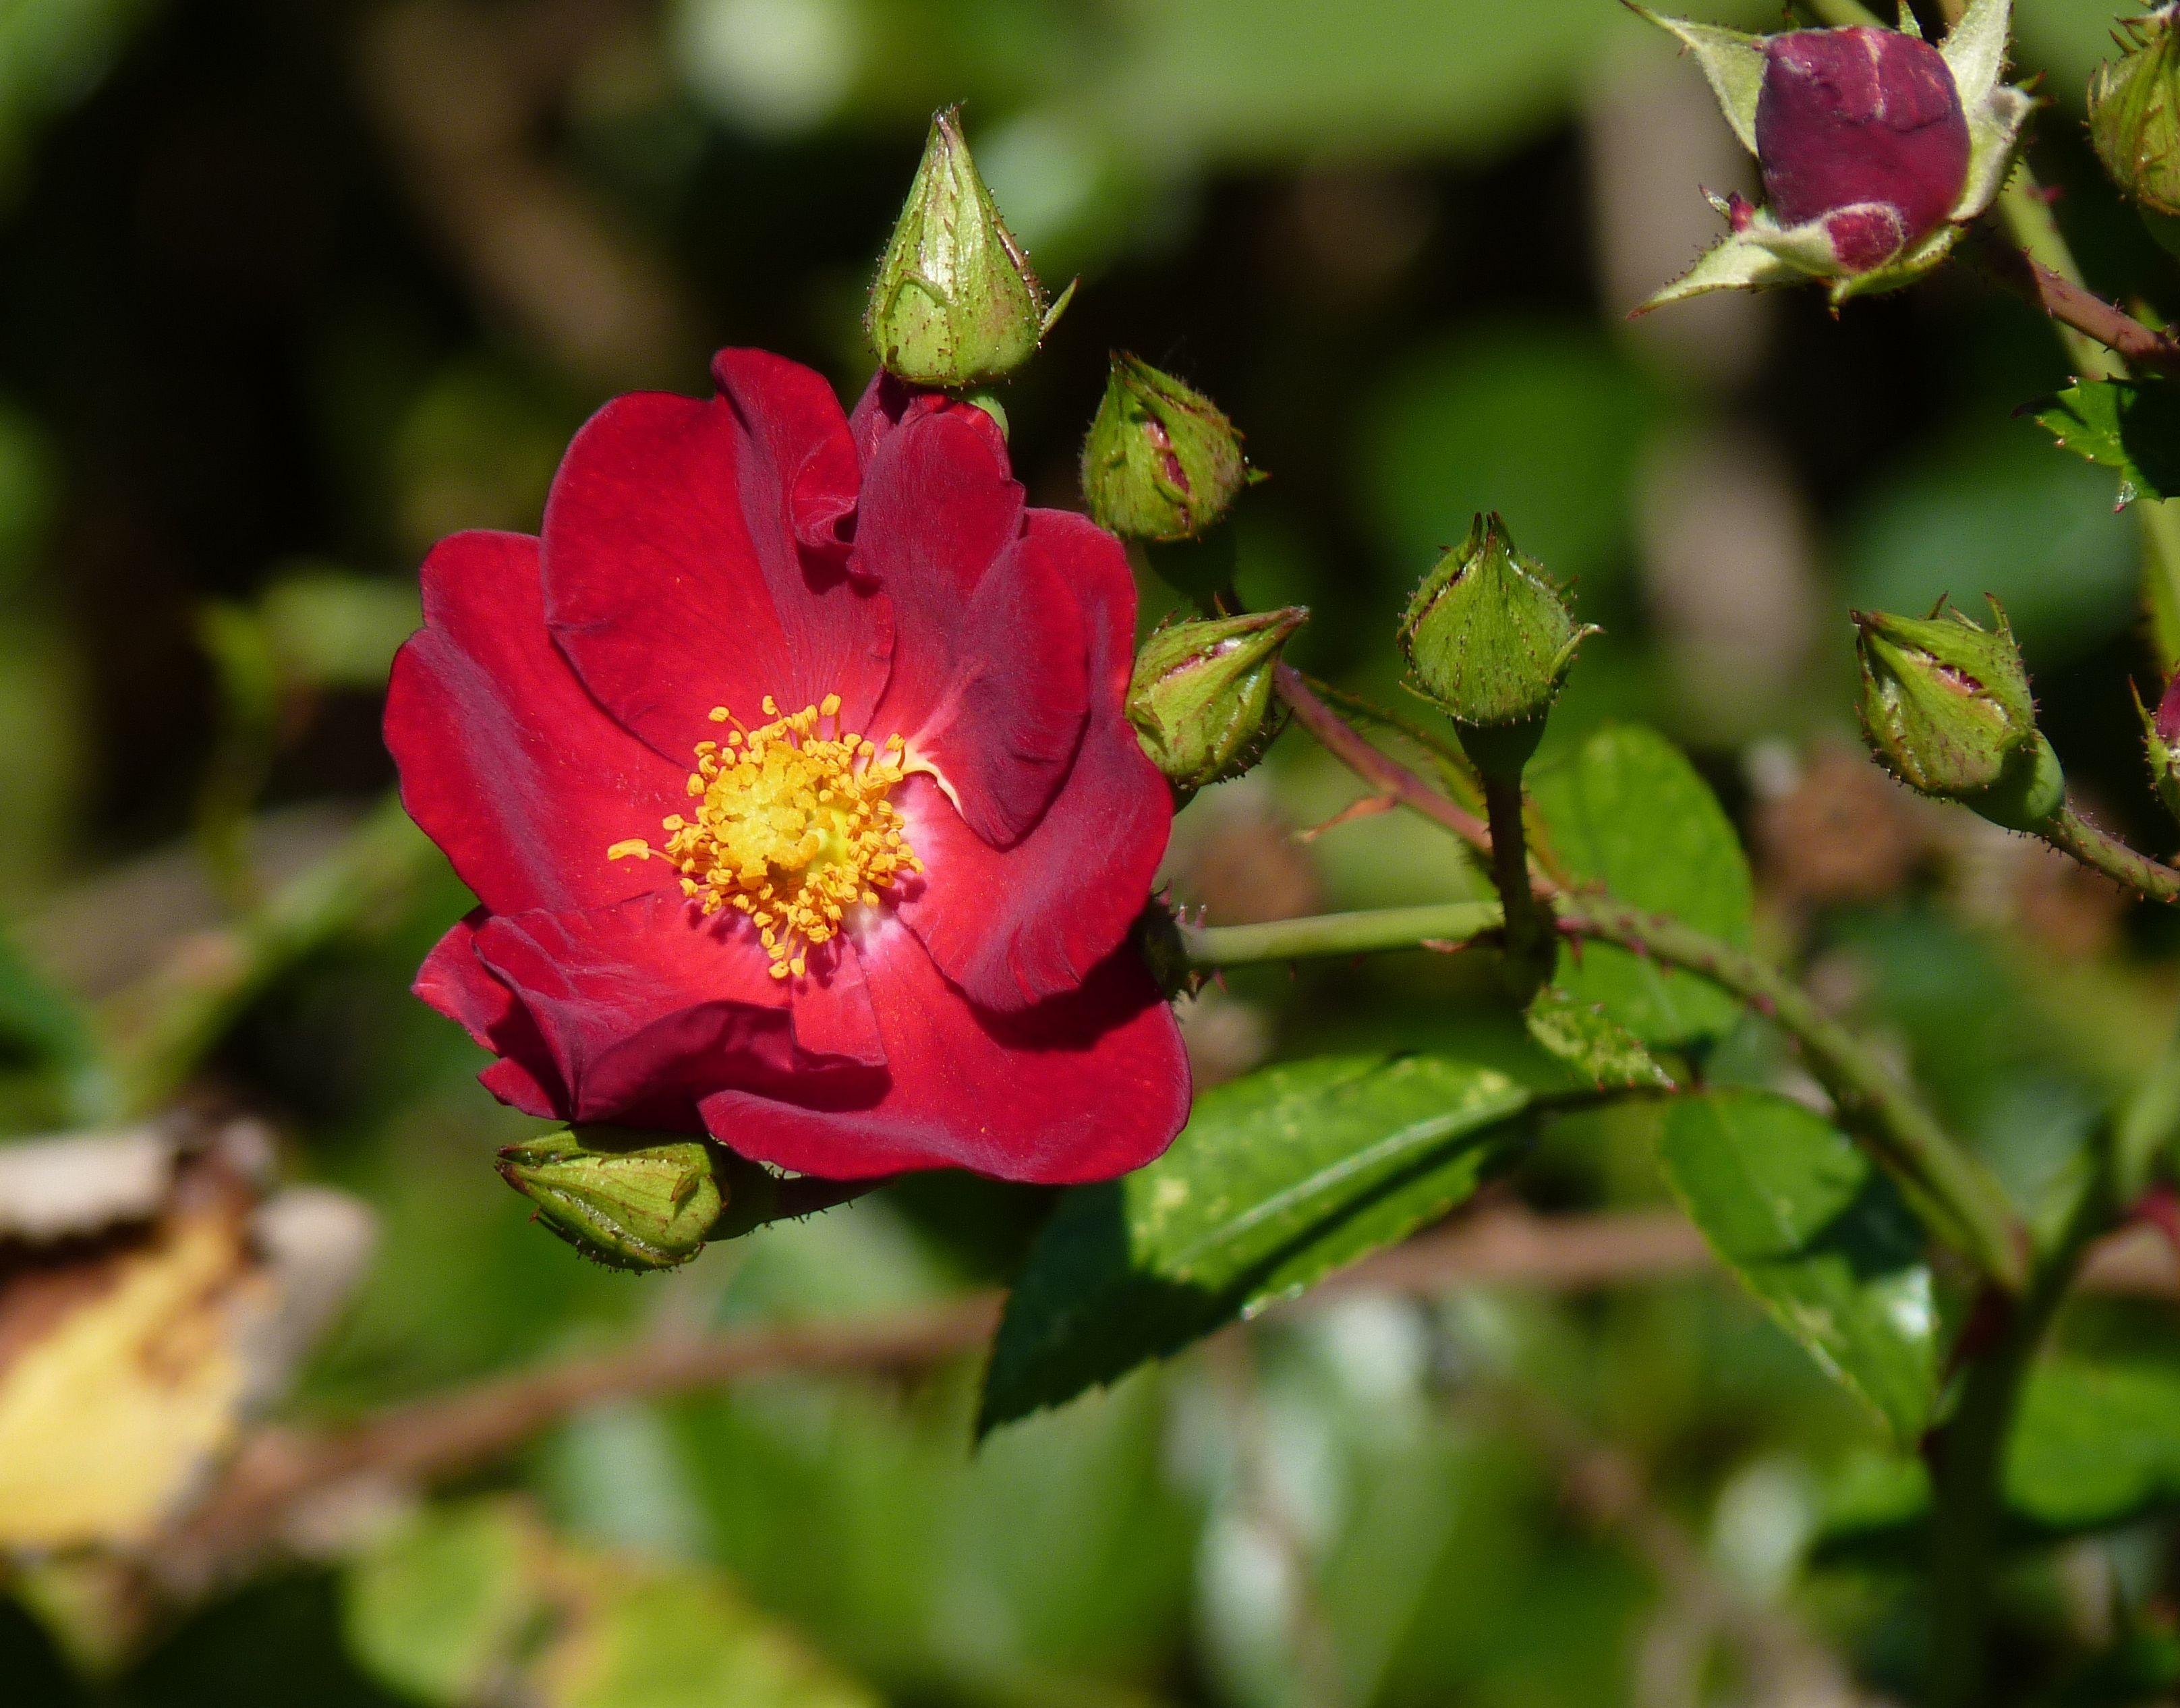 стесняется картинки красивого леса цветы колючий шиповника жаль, что